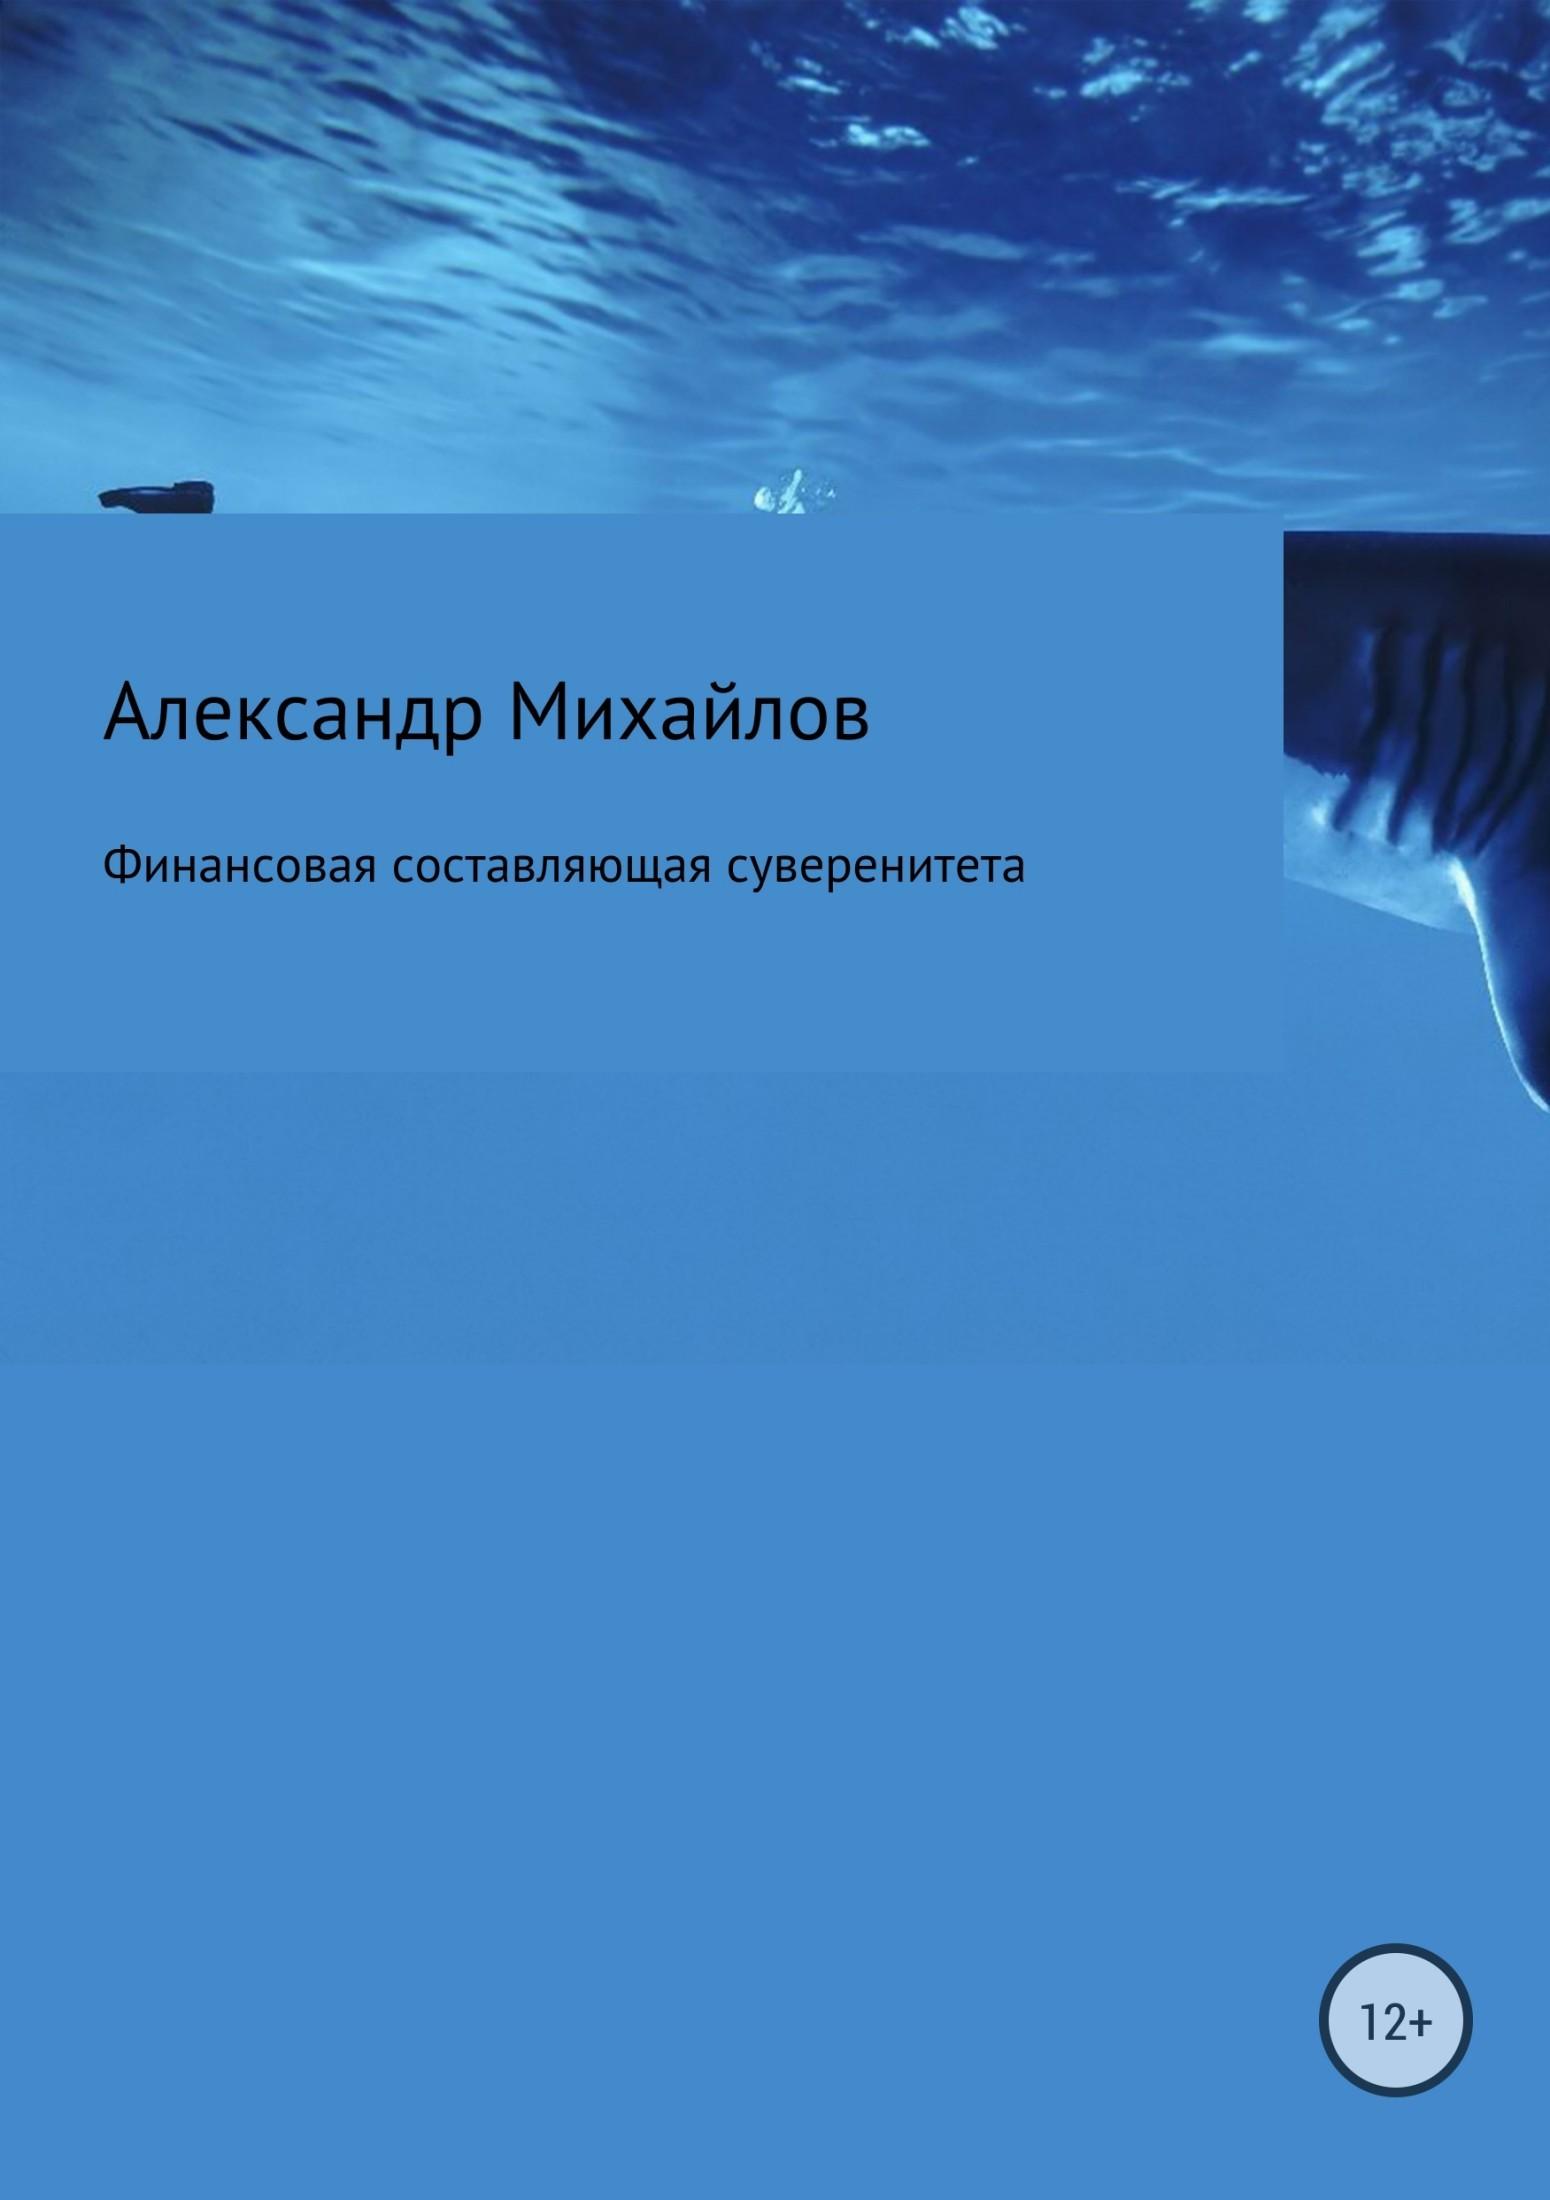 фото обложки издания Финансовая составляющая суверенитета